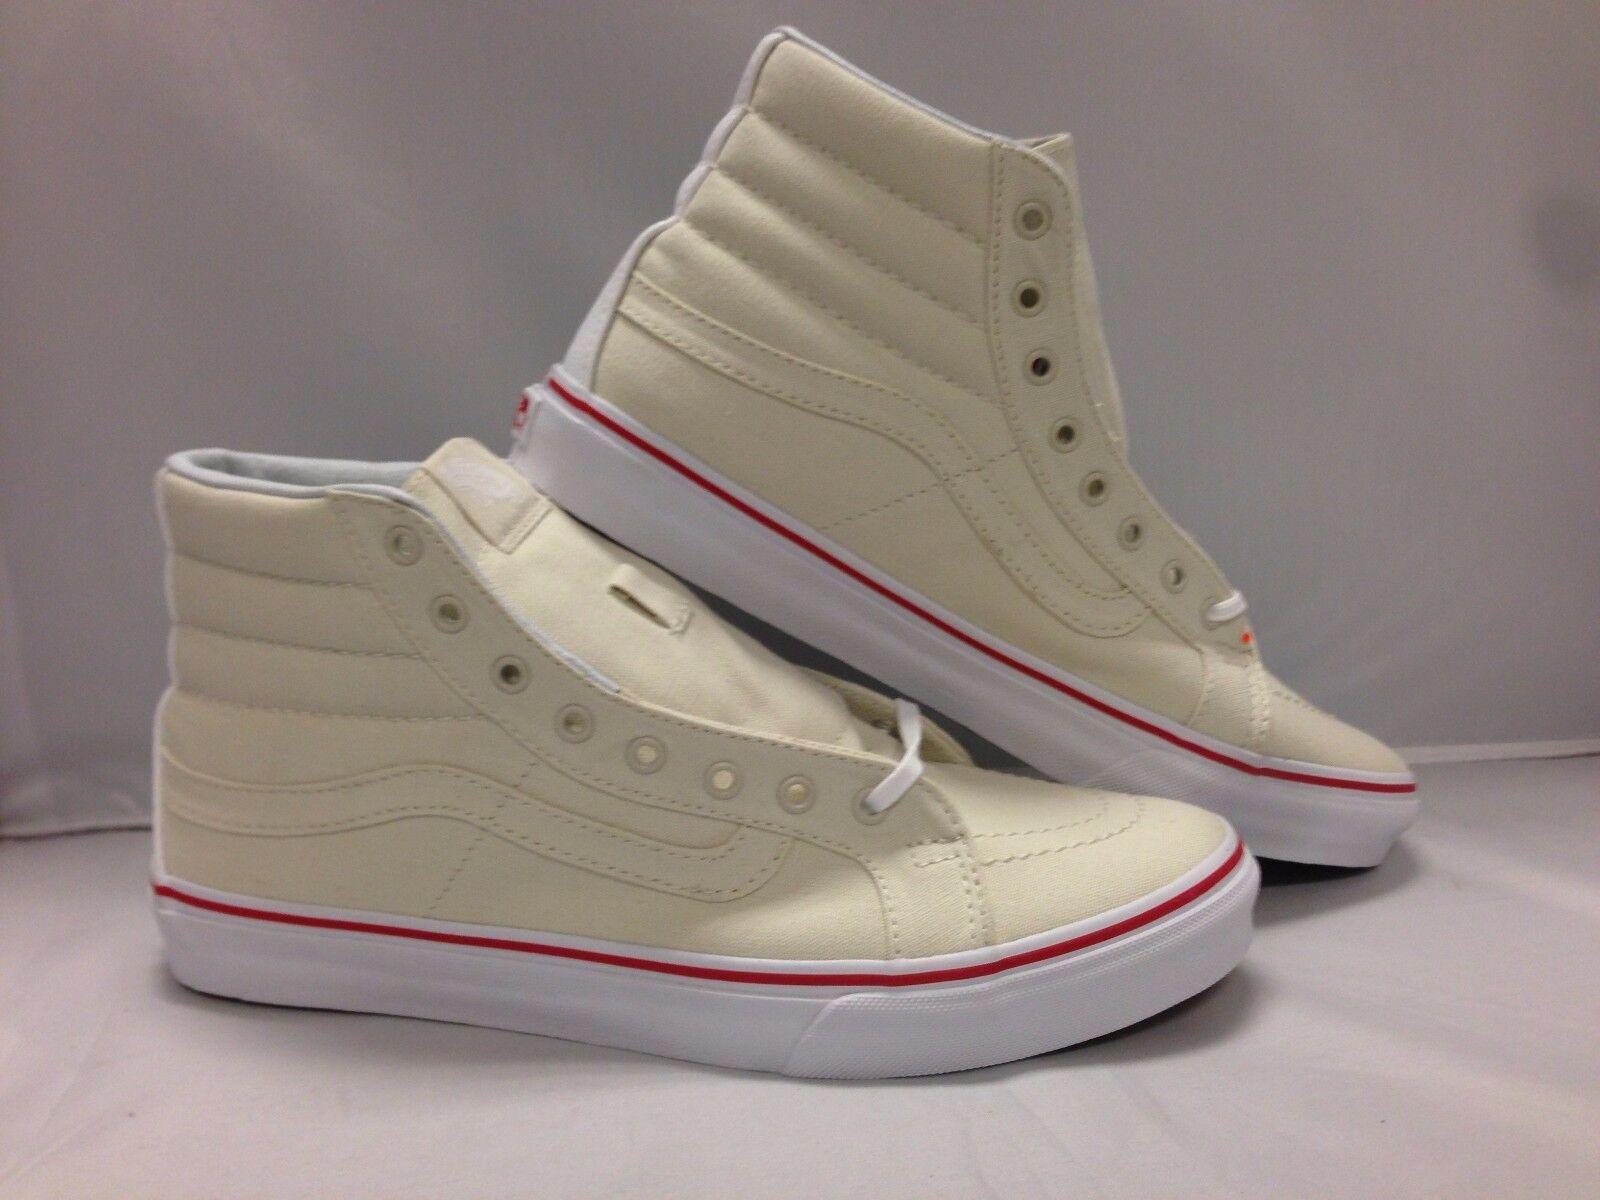 Vans Men's Shoes ''Sk8'Hi Slim''--(Leather Canvas)--Bone/True White